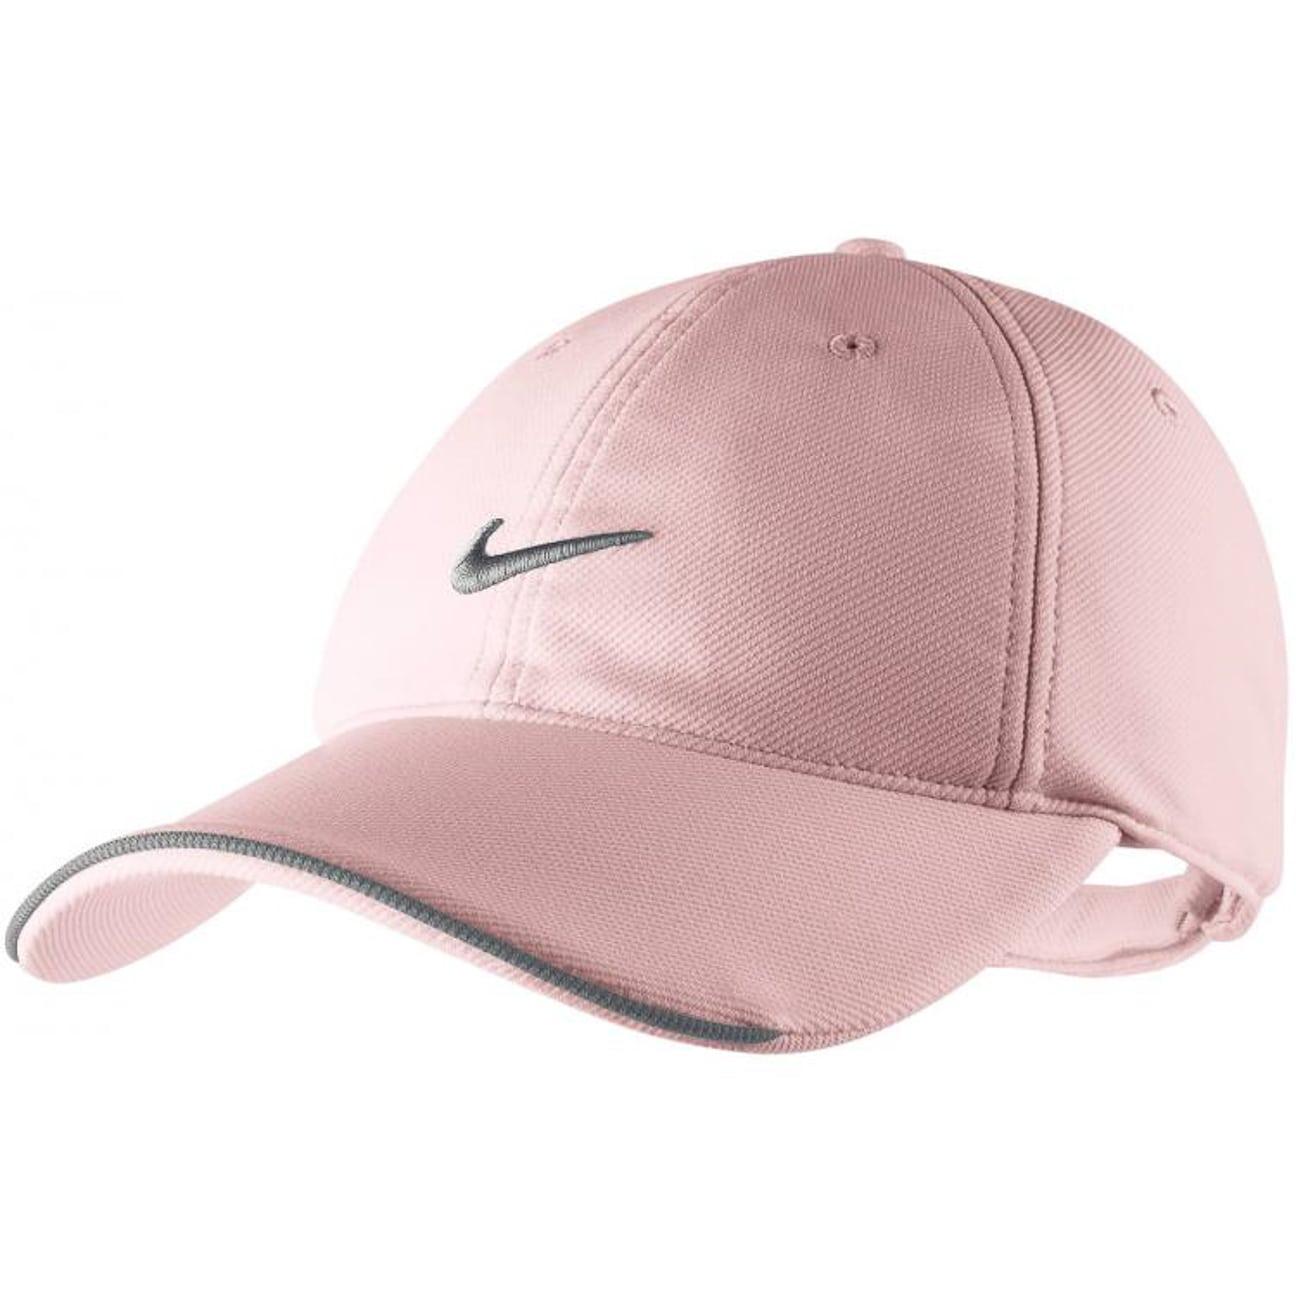 Nike Cap Damen Rosa